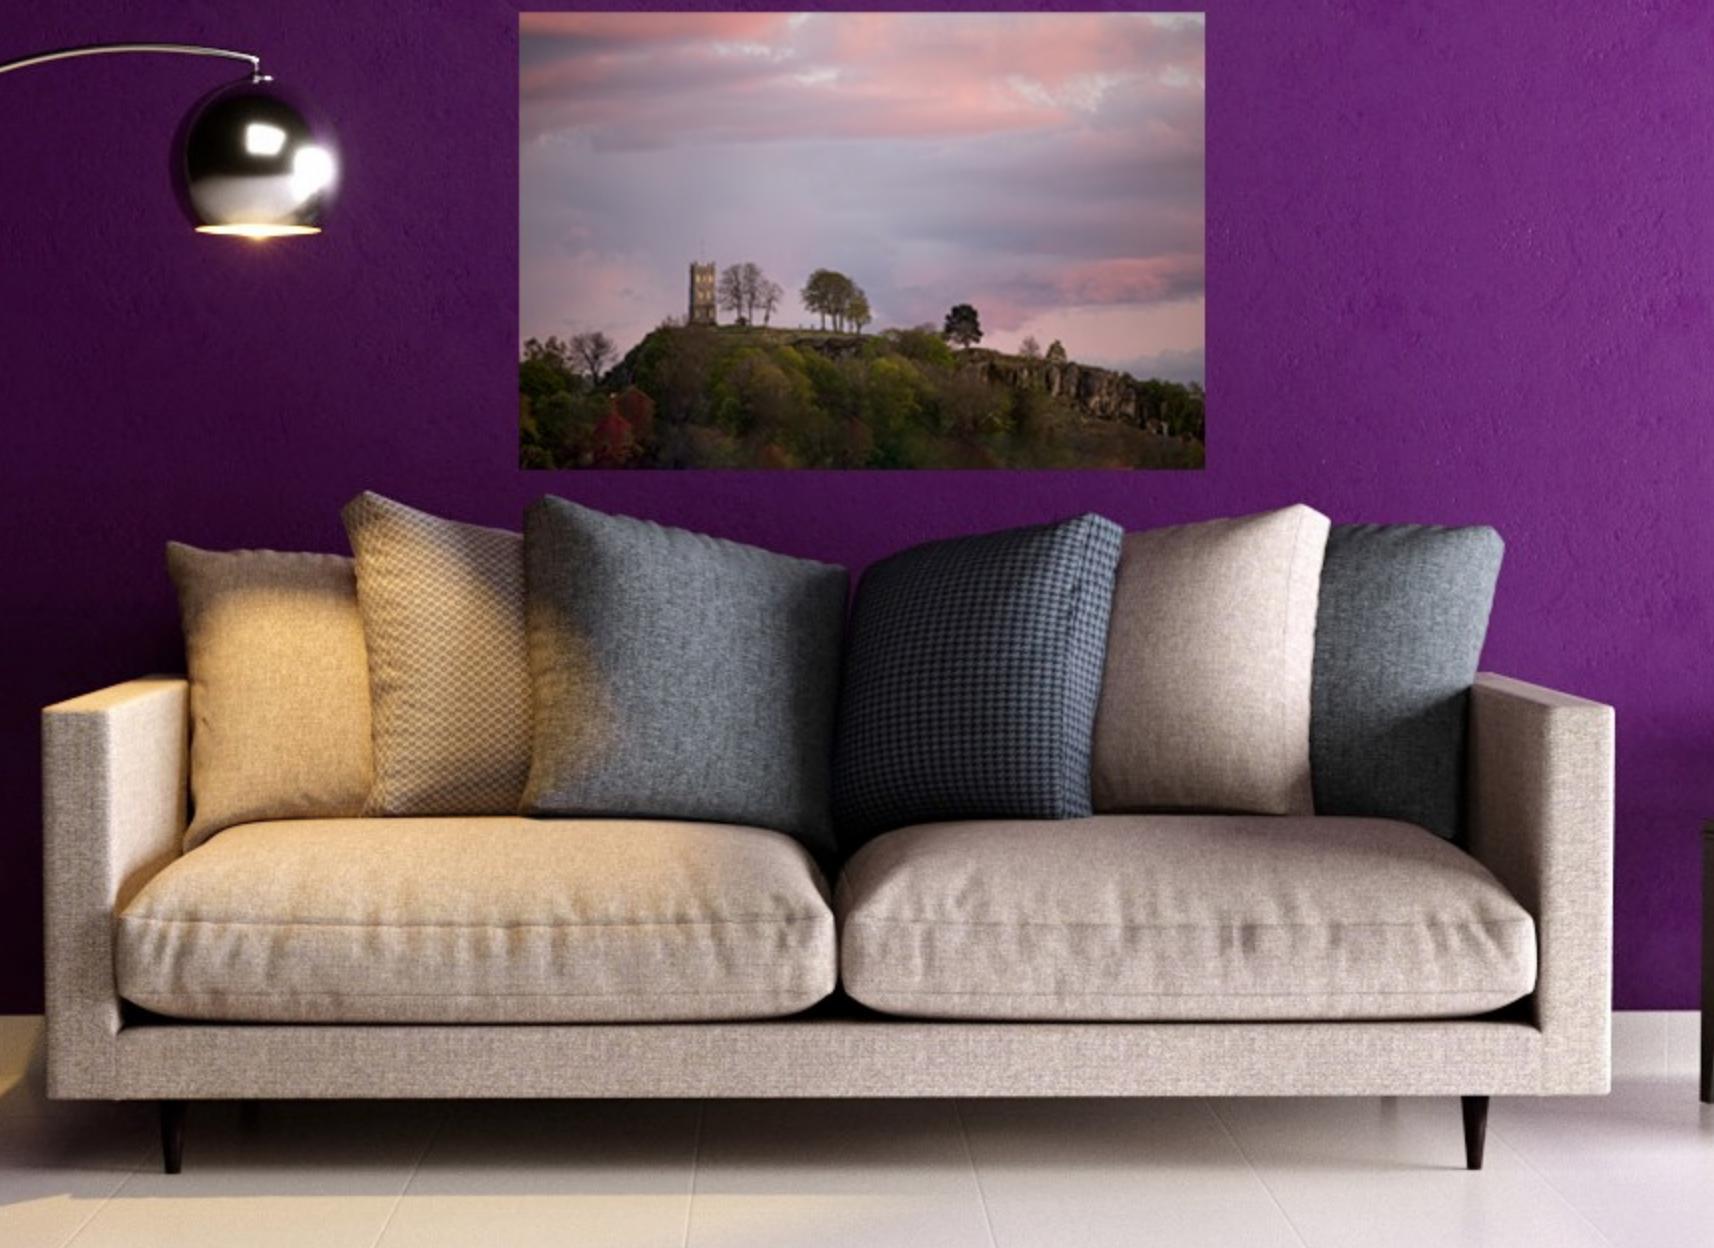 Fotokunst og veggdekor, resepsjon